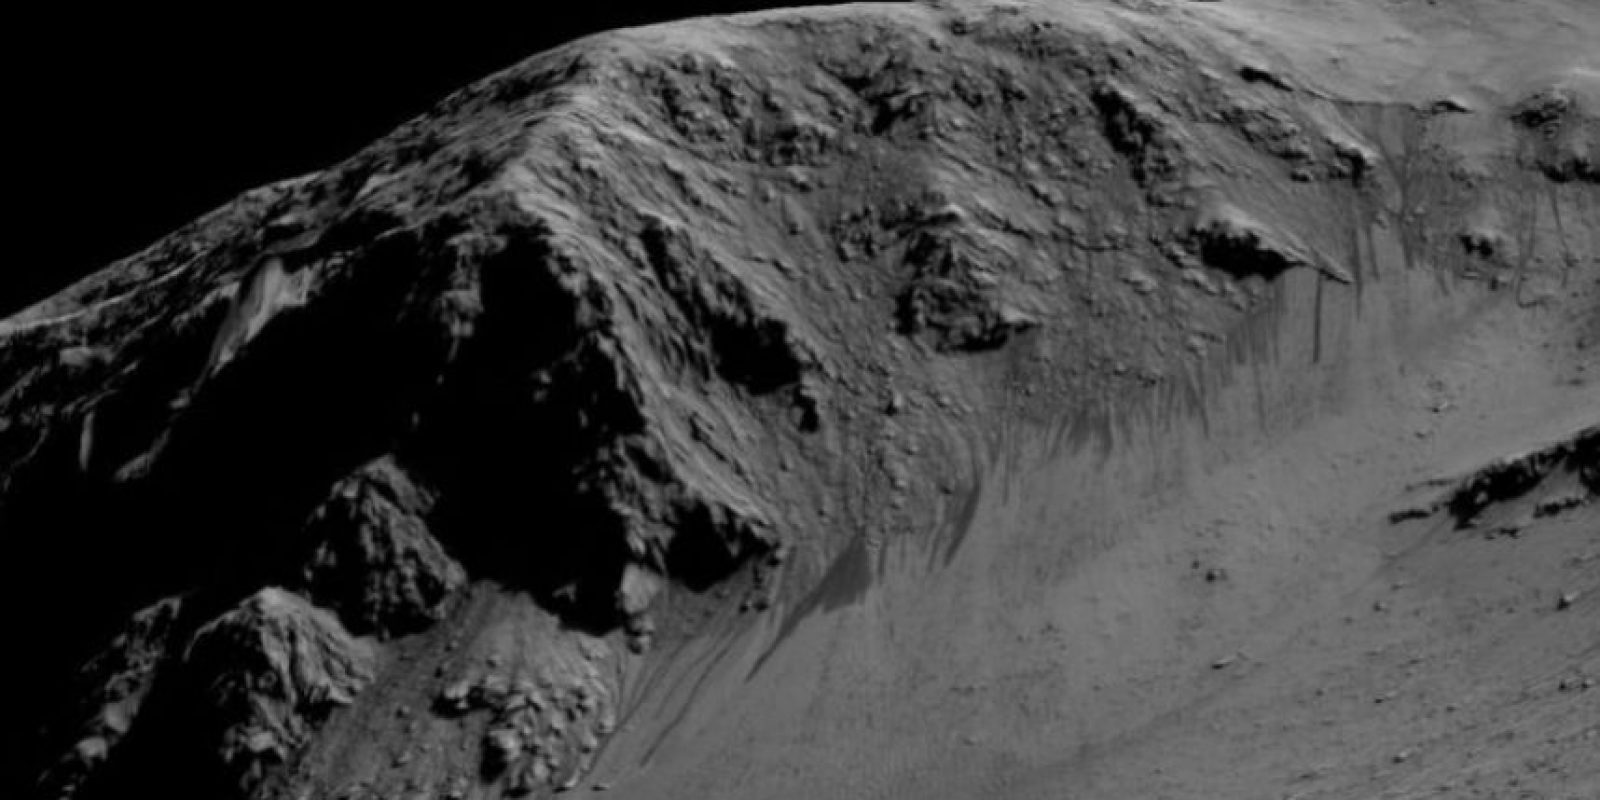 La evidencia de que Marte tuvo agua en el pasado ha sido muy documentada, pero el hecho de que el agua fluya aún en el planeta es un avance importante. Foto:Vía Nasa.gov